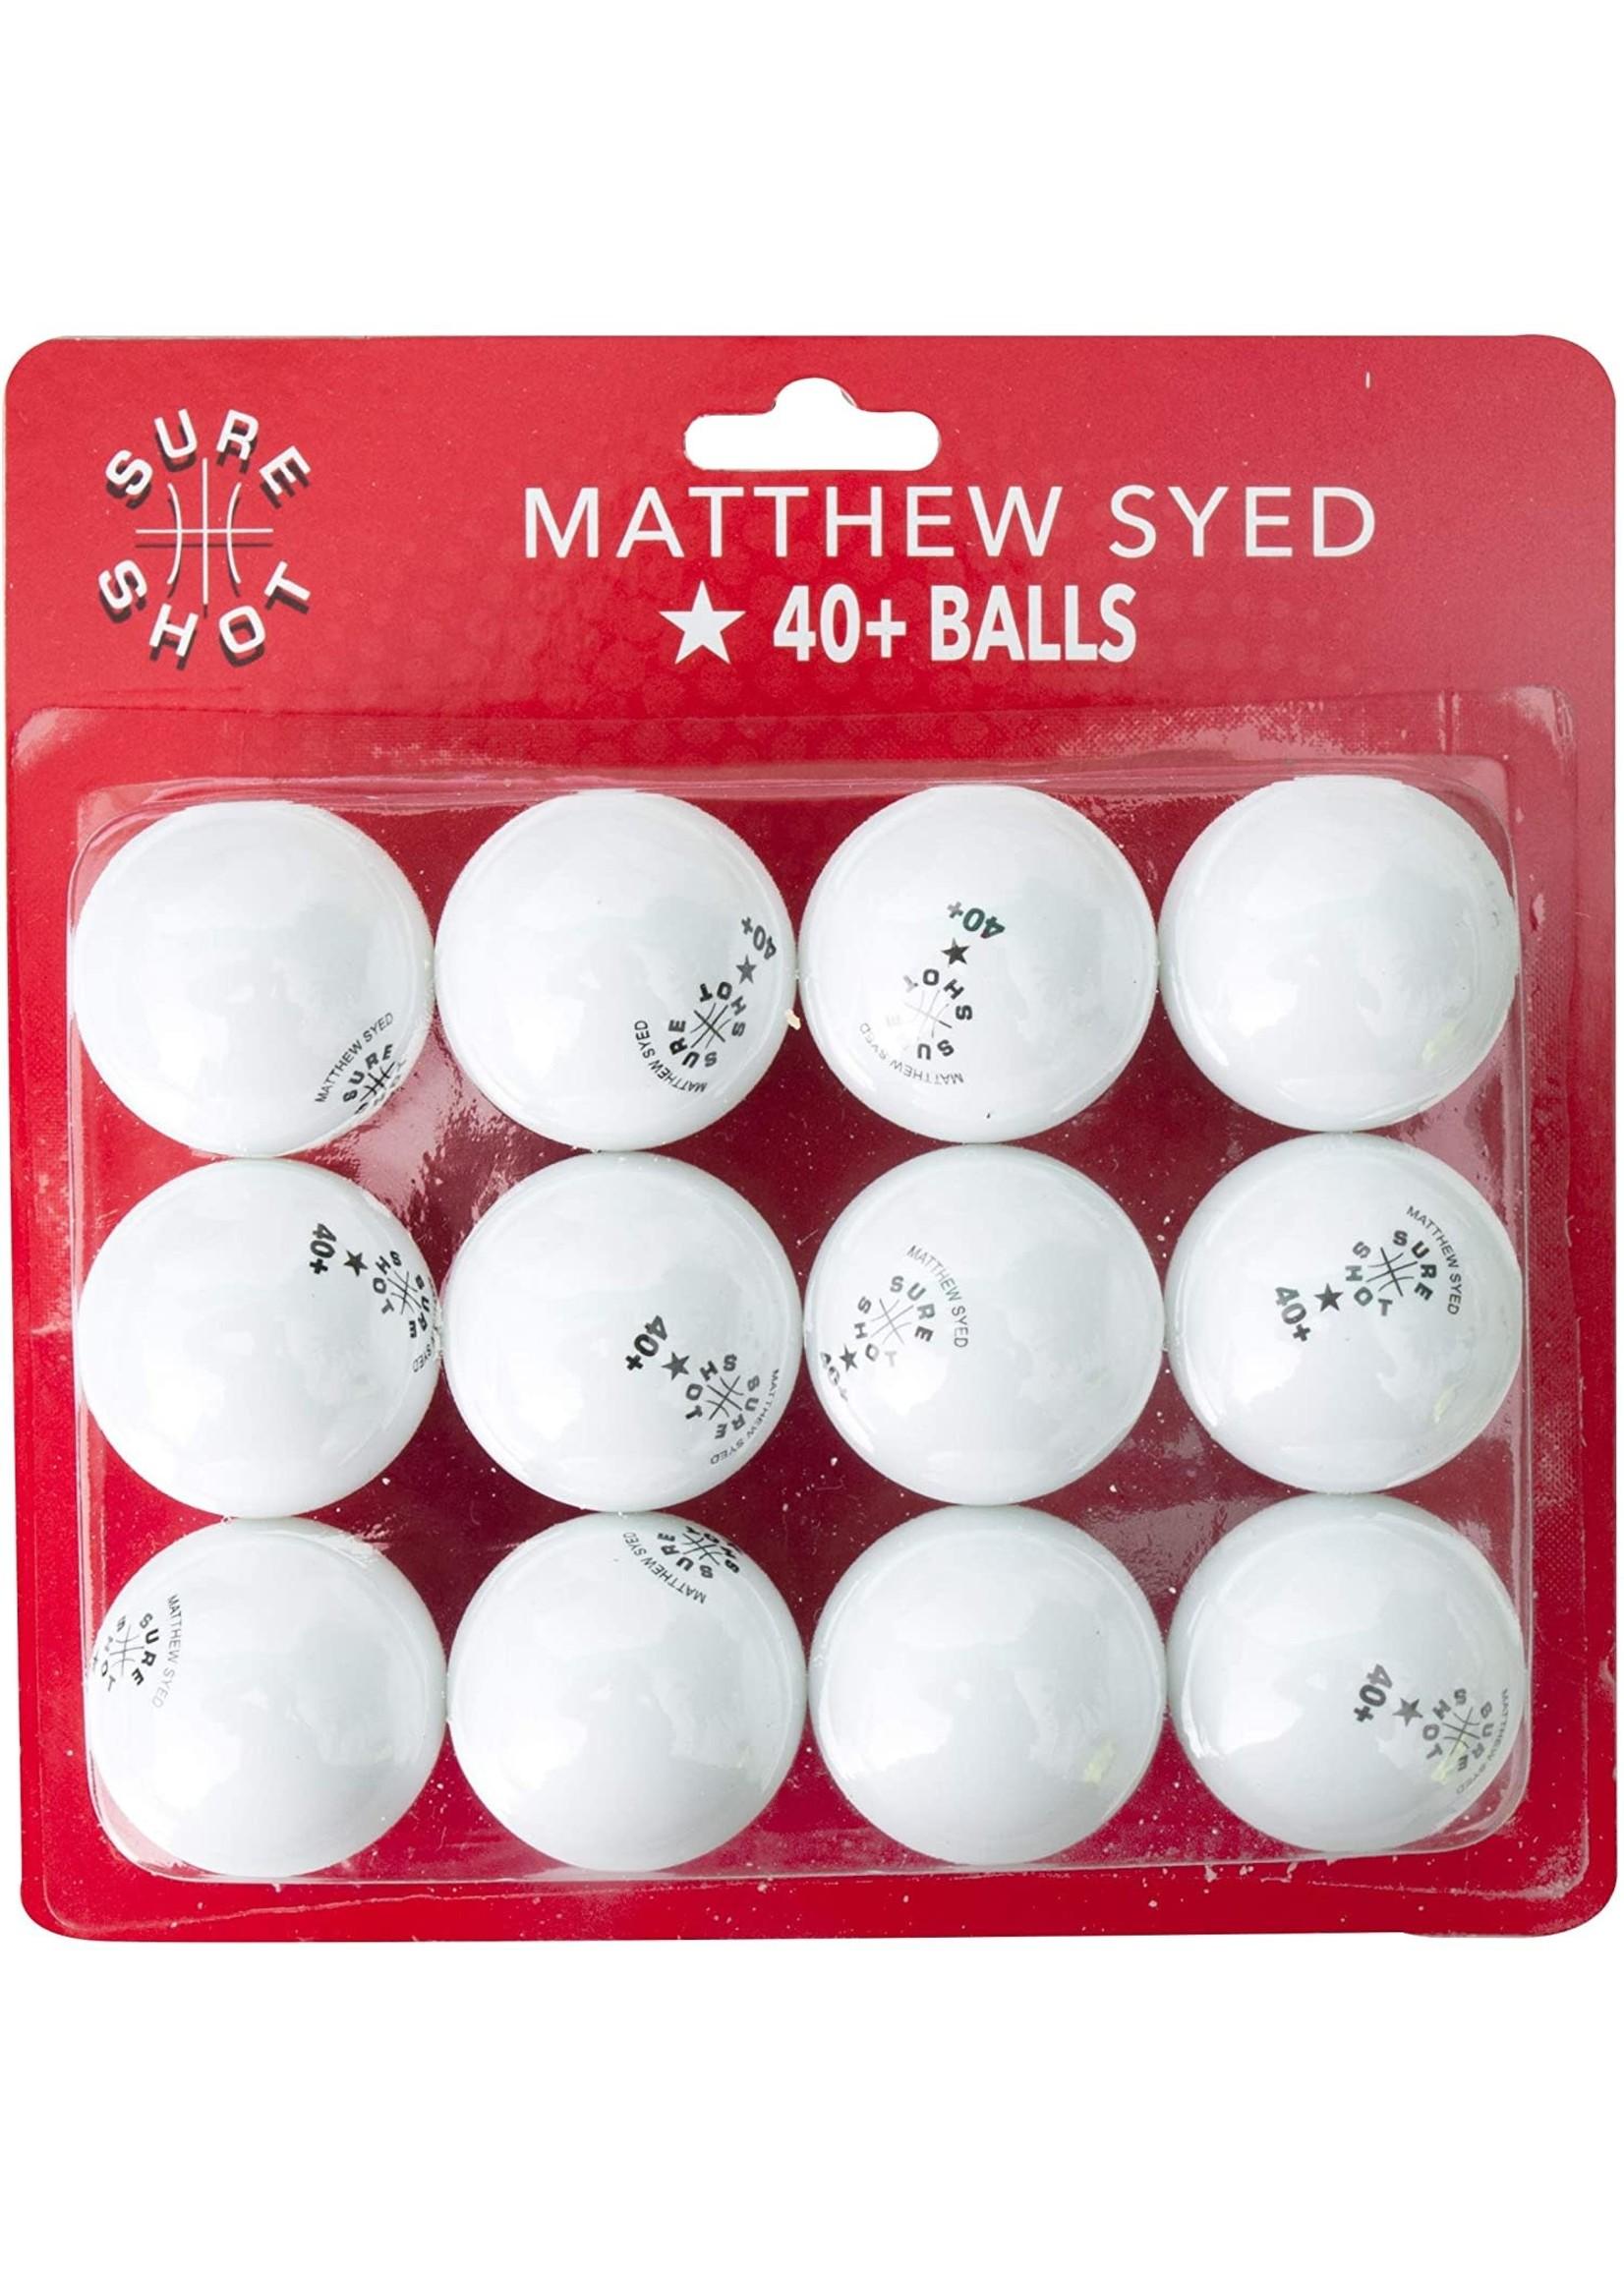 Matthew Syed Sure Shot 40+ TT Balls (Dozen)